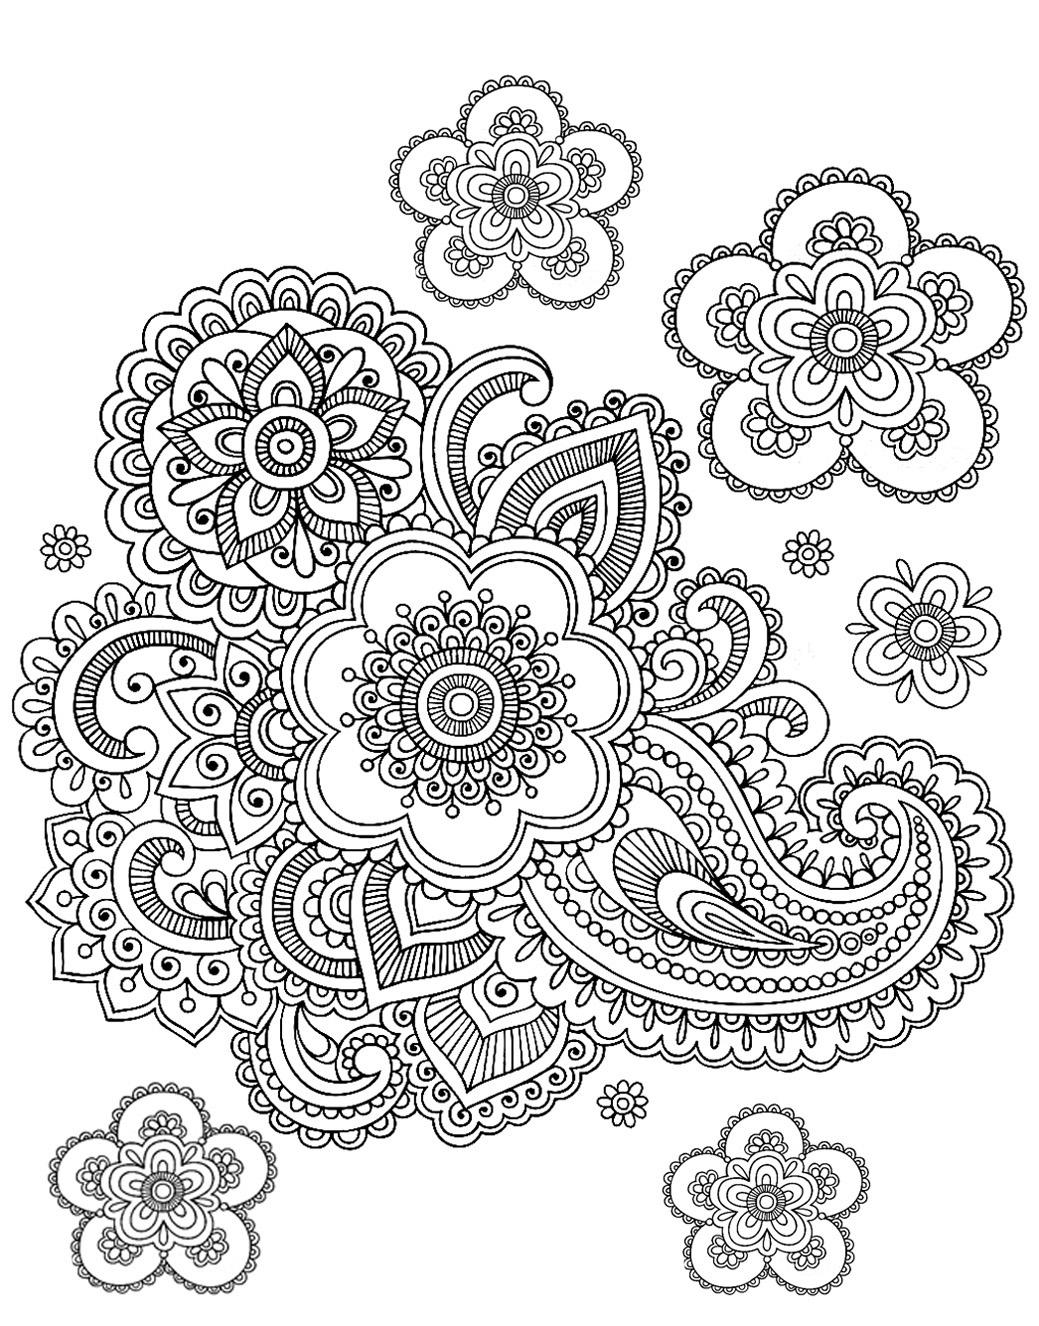 Disegni da colorare per adulti : Orientale - 18